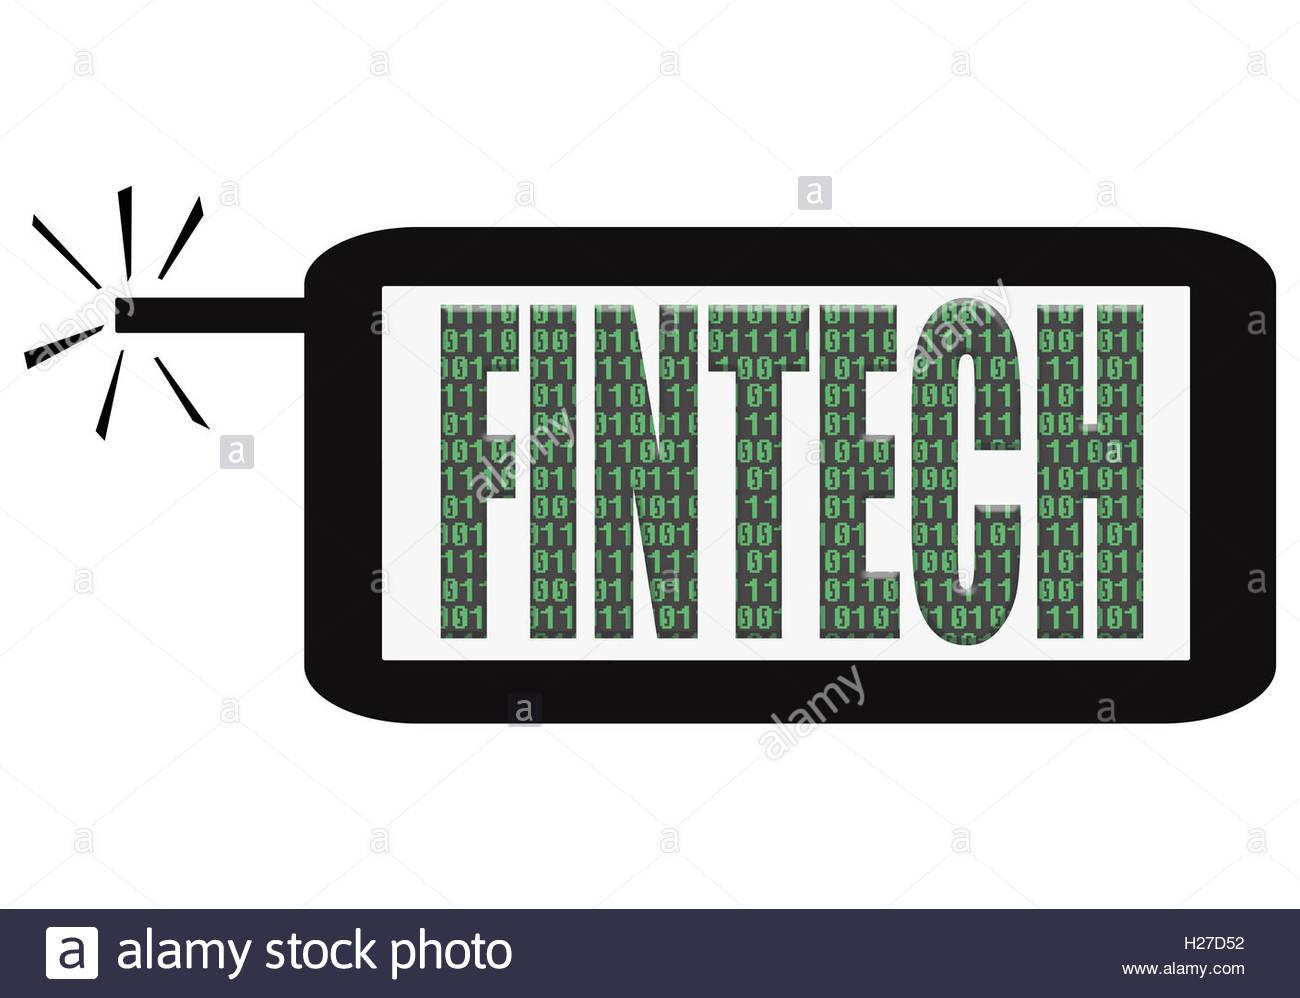 Ilustración Digital - App del teléfono inteligente con la palabra fintech. Fintech es financiero tecnologías Imagen De Stock